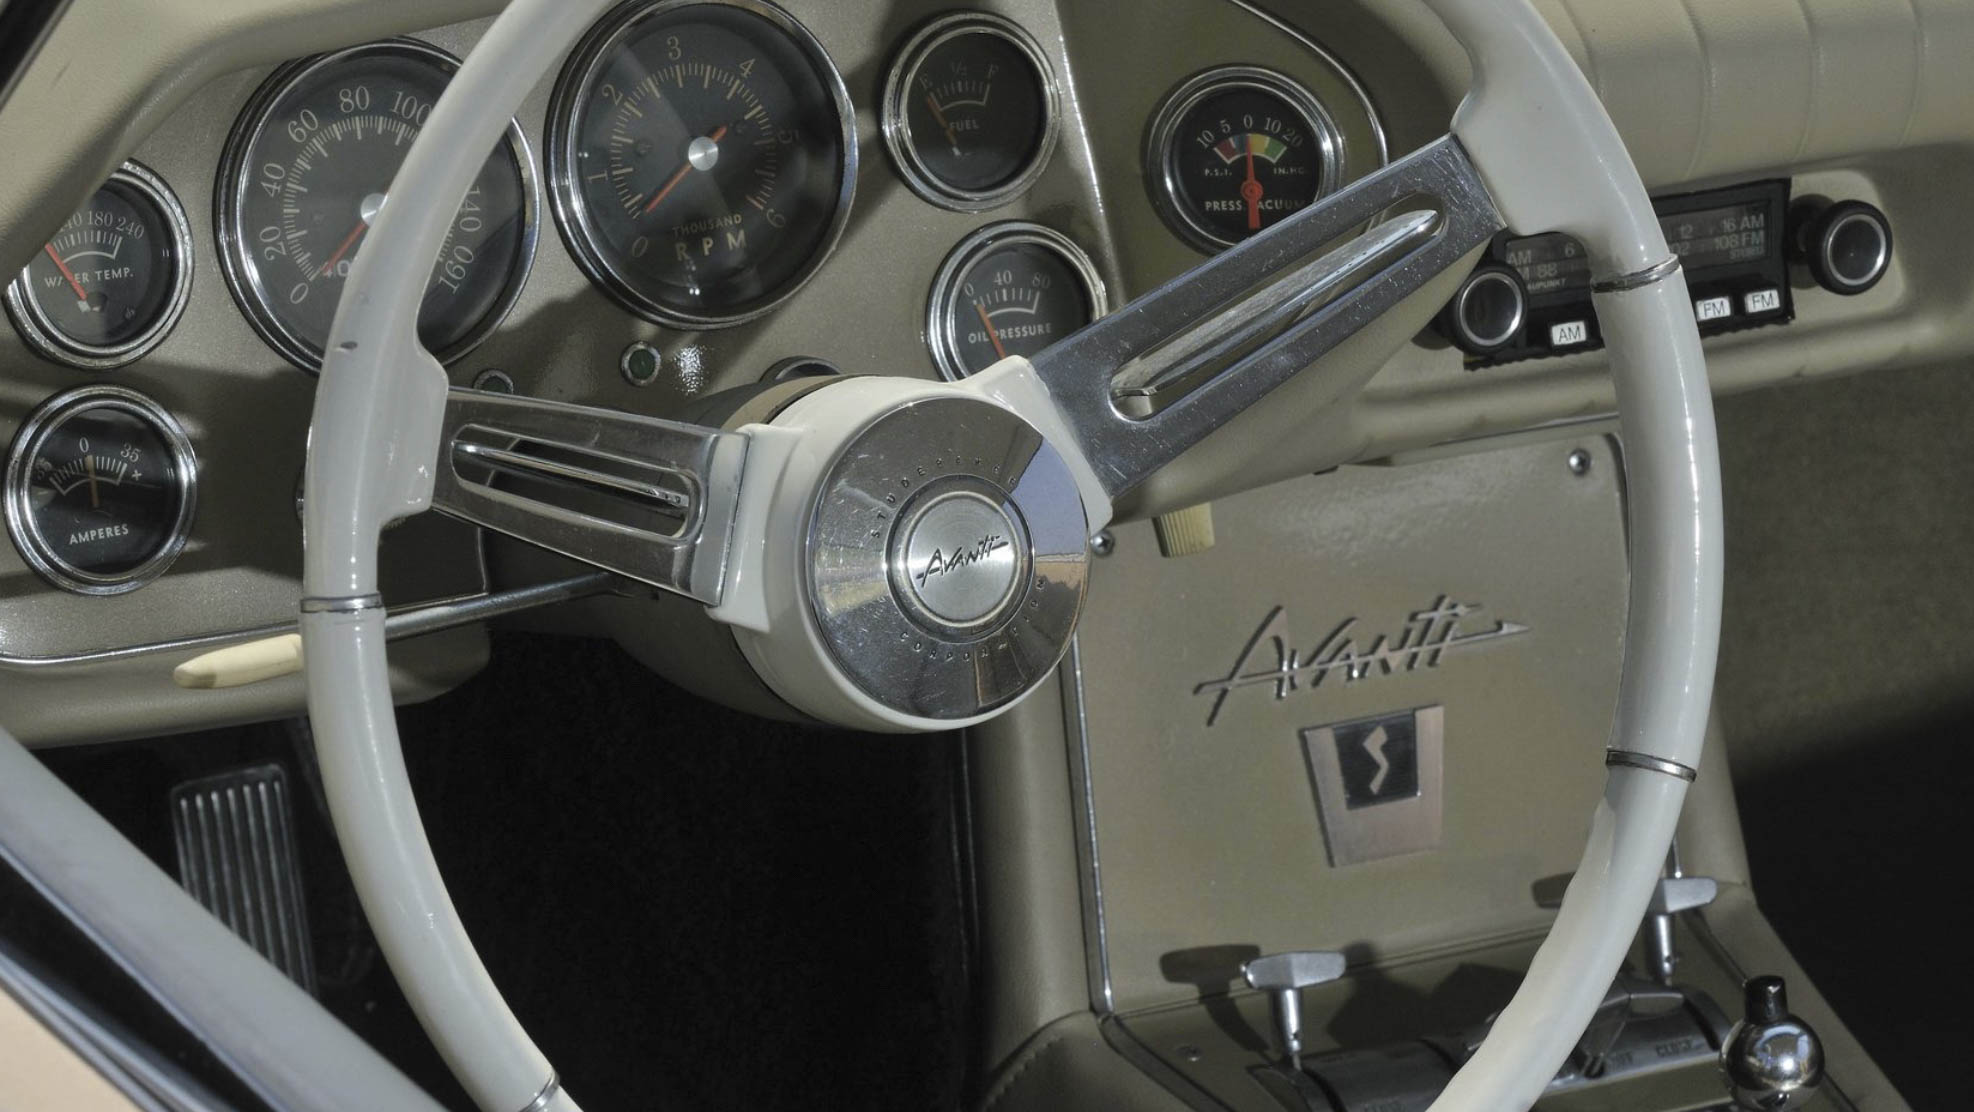 1963 Studebaker Avanti steering wheel